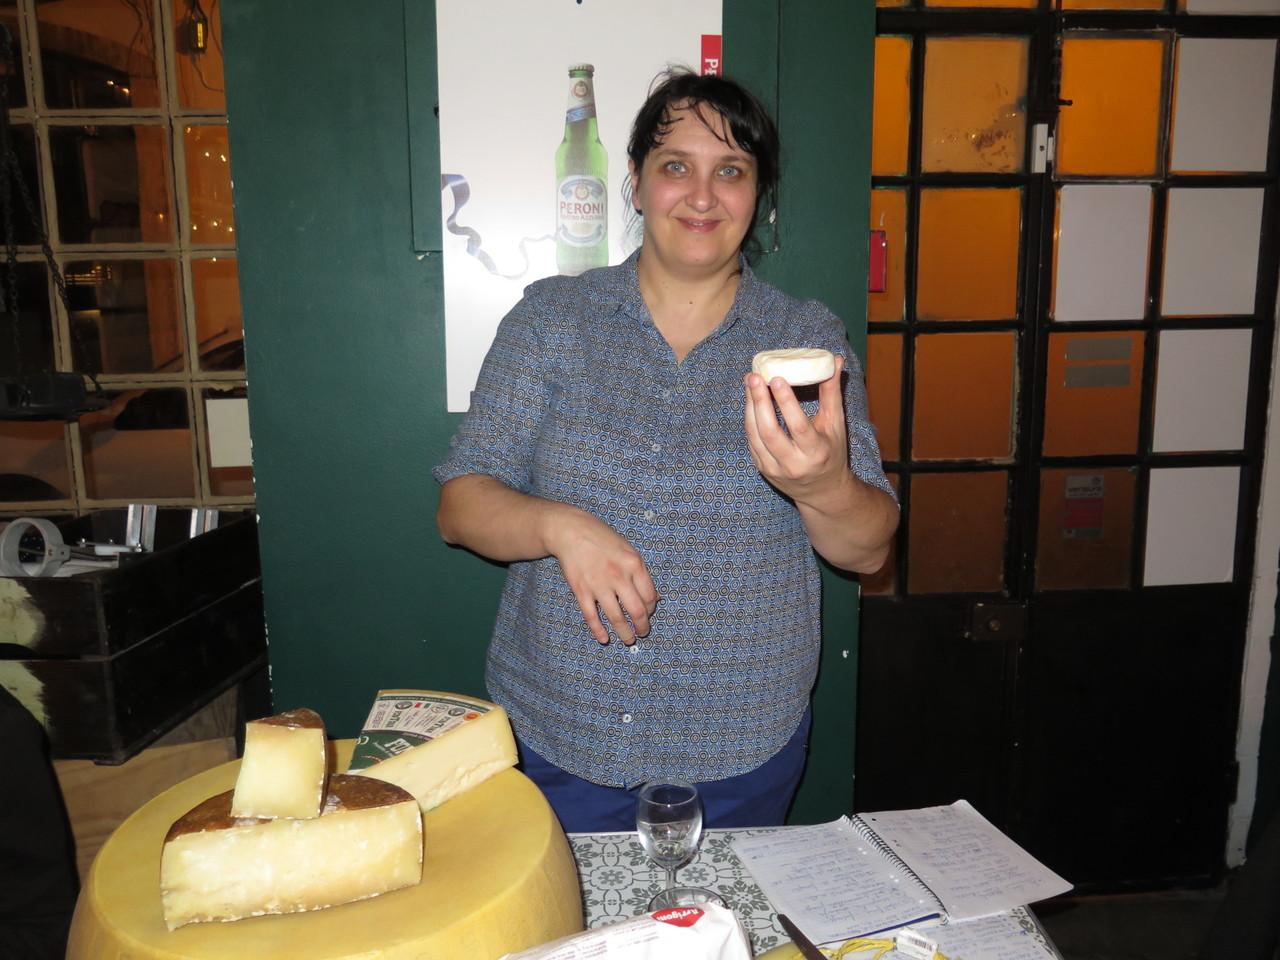 Chiara Ferro e o queijo Tomino